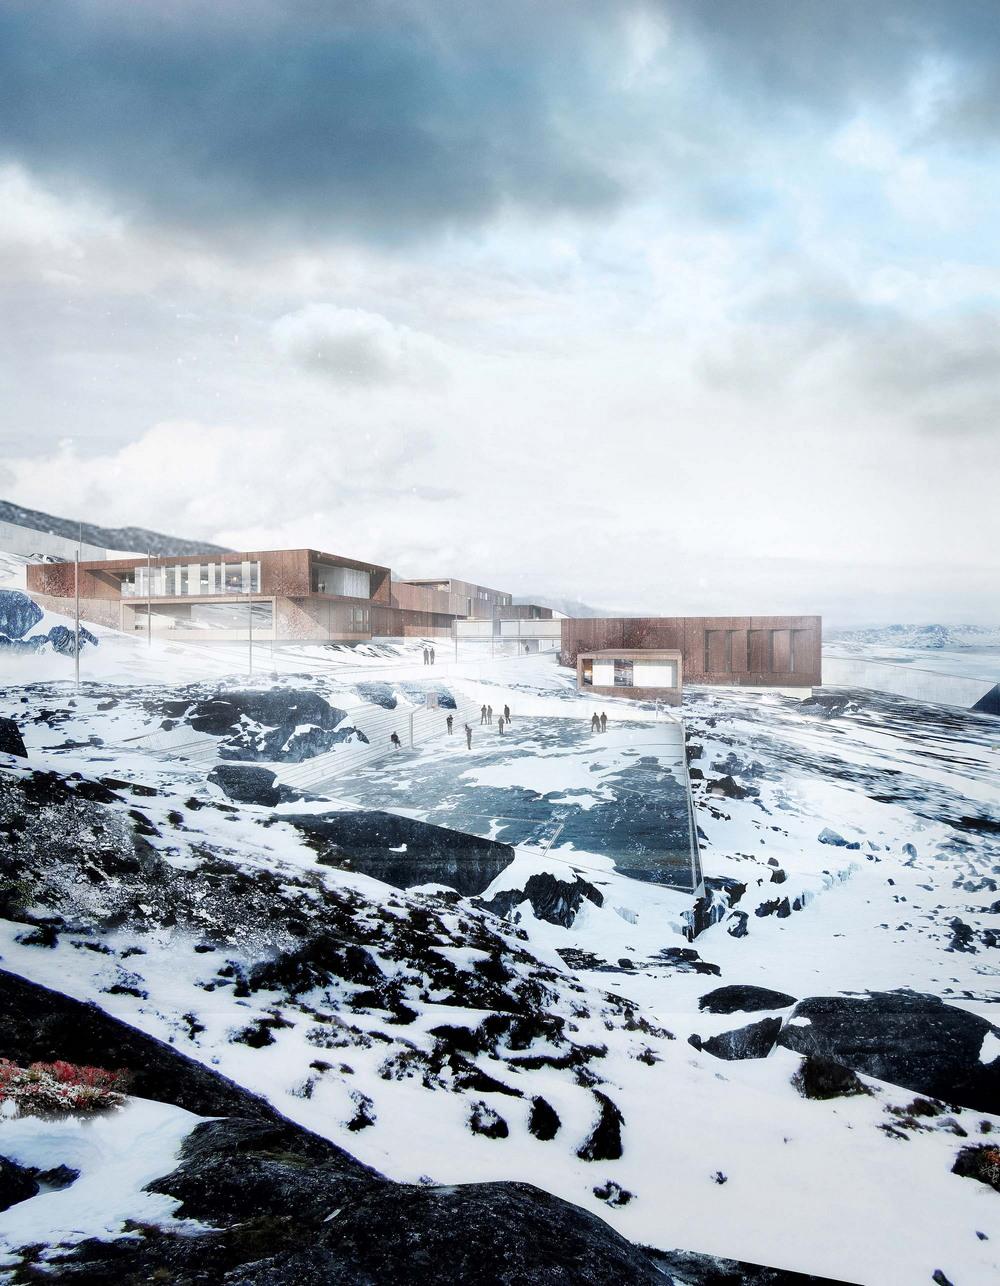 Гуманная тюрьма в Гренландии, которая больше похожа на курорт